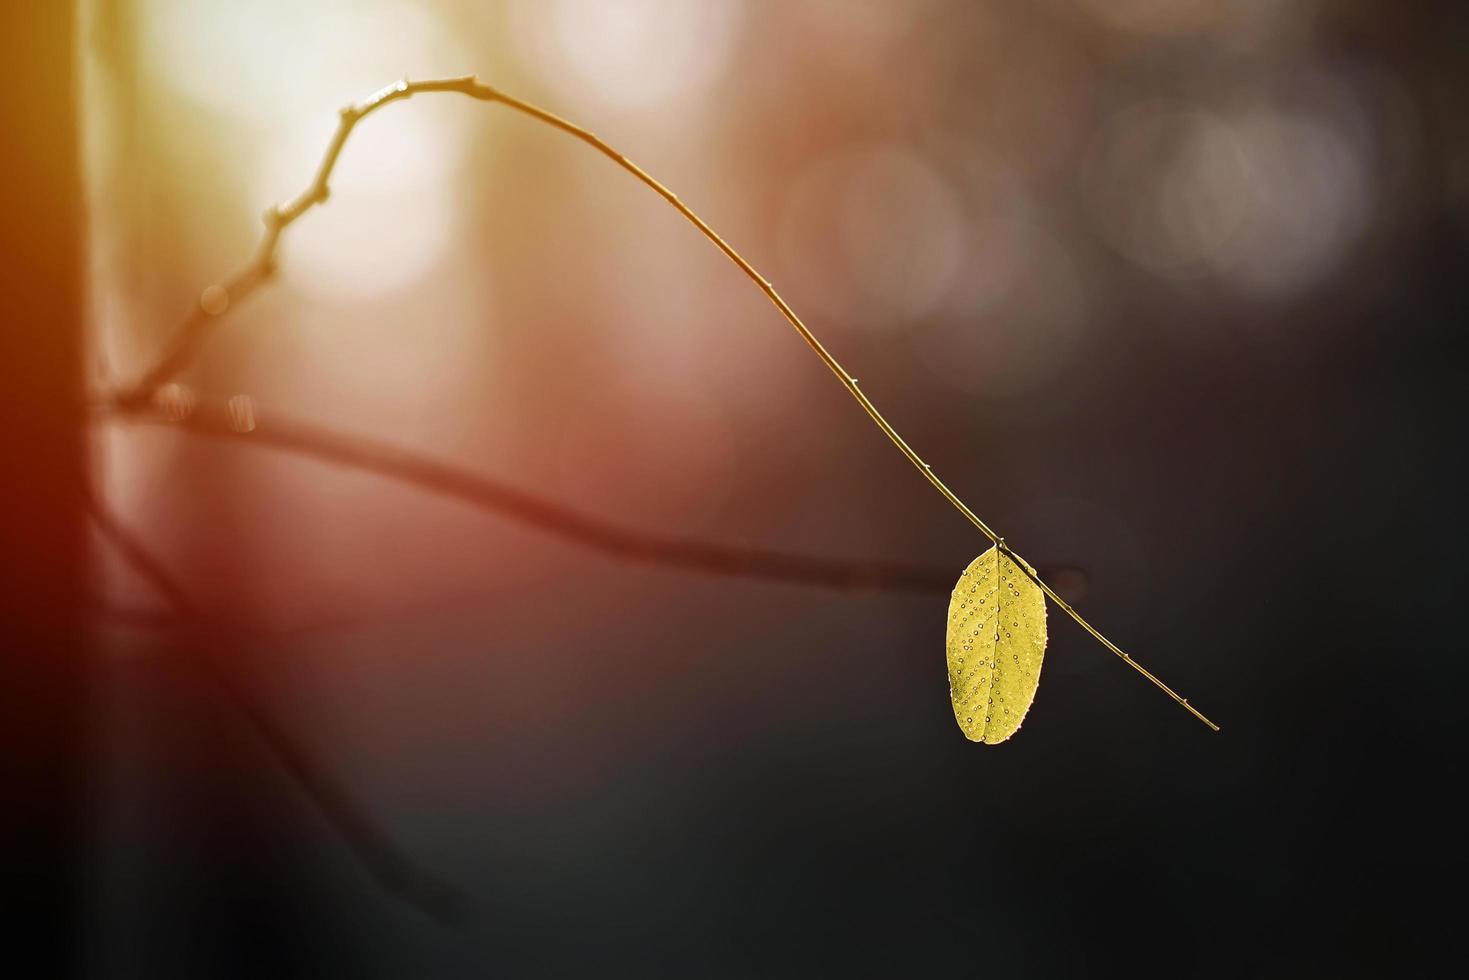 primo piano della foglia vista della natura su sfondo verde sfocato nel giardino con spazio copia utilizzando come sfondo il paesaggio naturale delle piante verdi, l'ecologia, il concetto di carta da parati fresca. focalizzazione morbida. foto